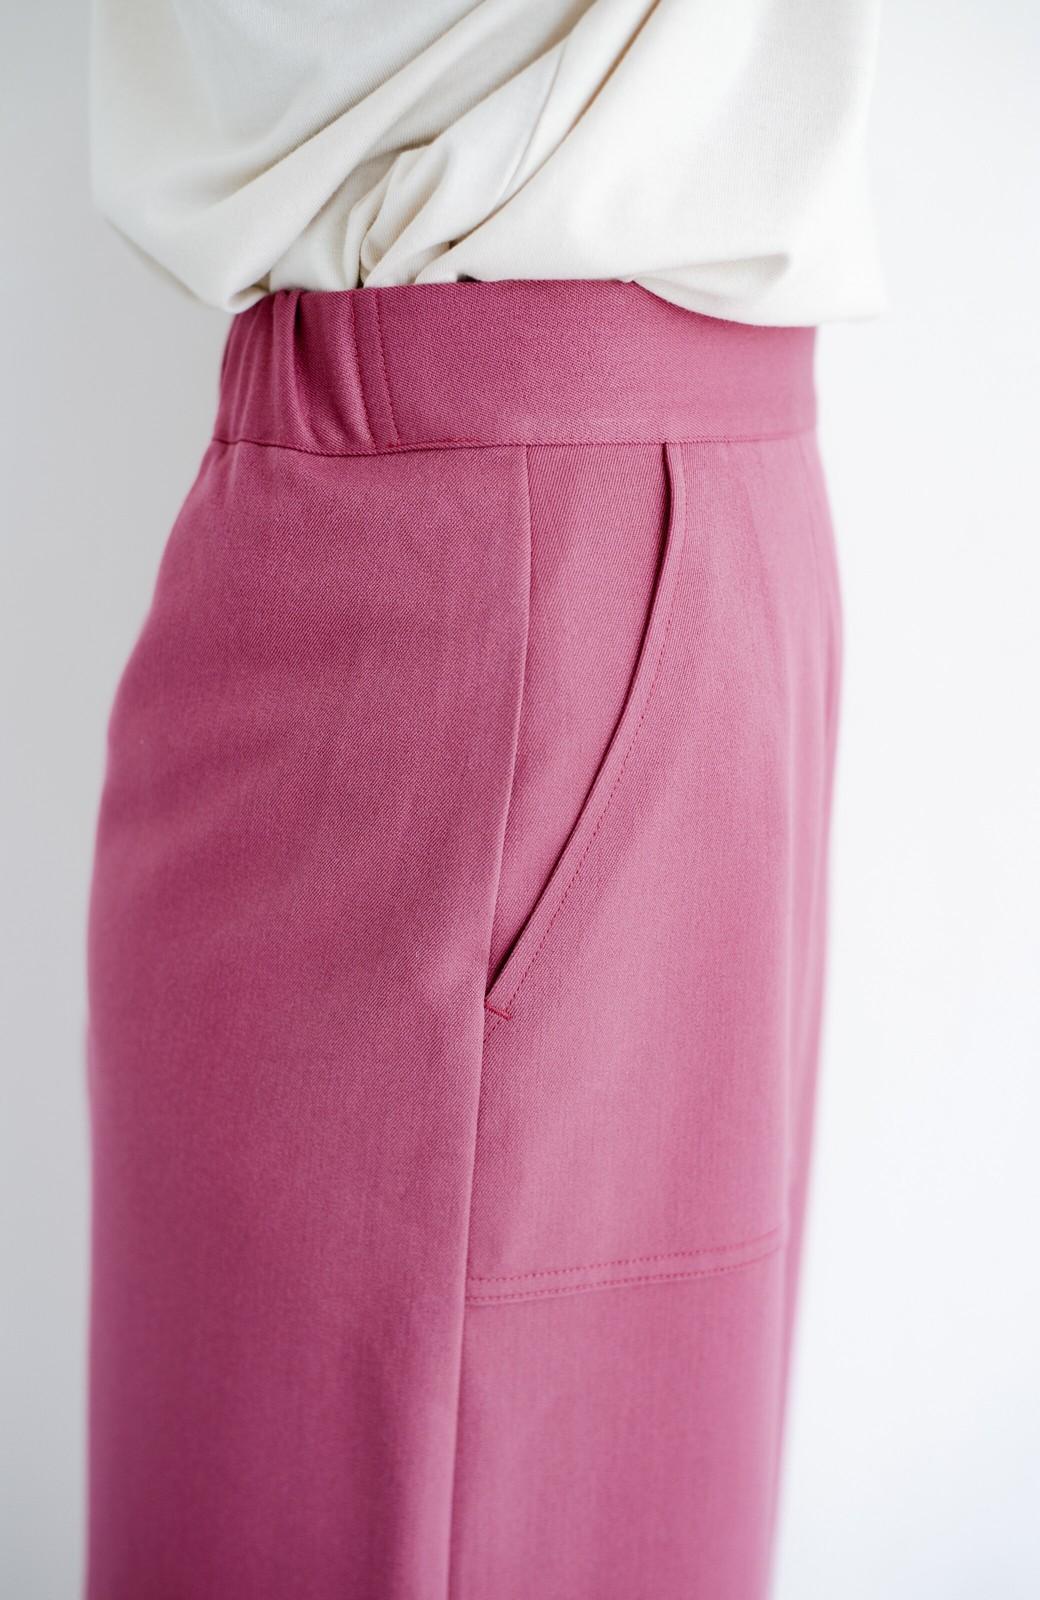 haco! カジュアルにもきれいめにも着られて便利 スリットが女っぽいセミタイトスカート <ピンク>の商品写真6